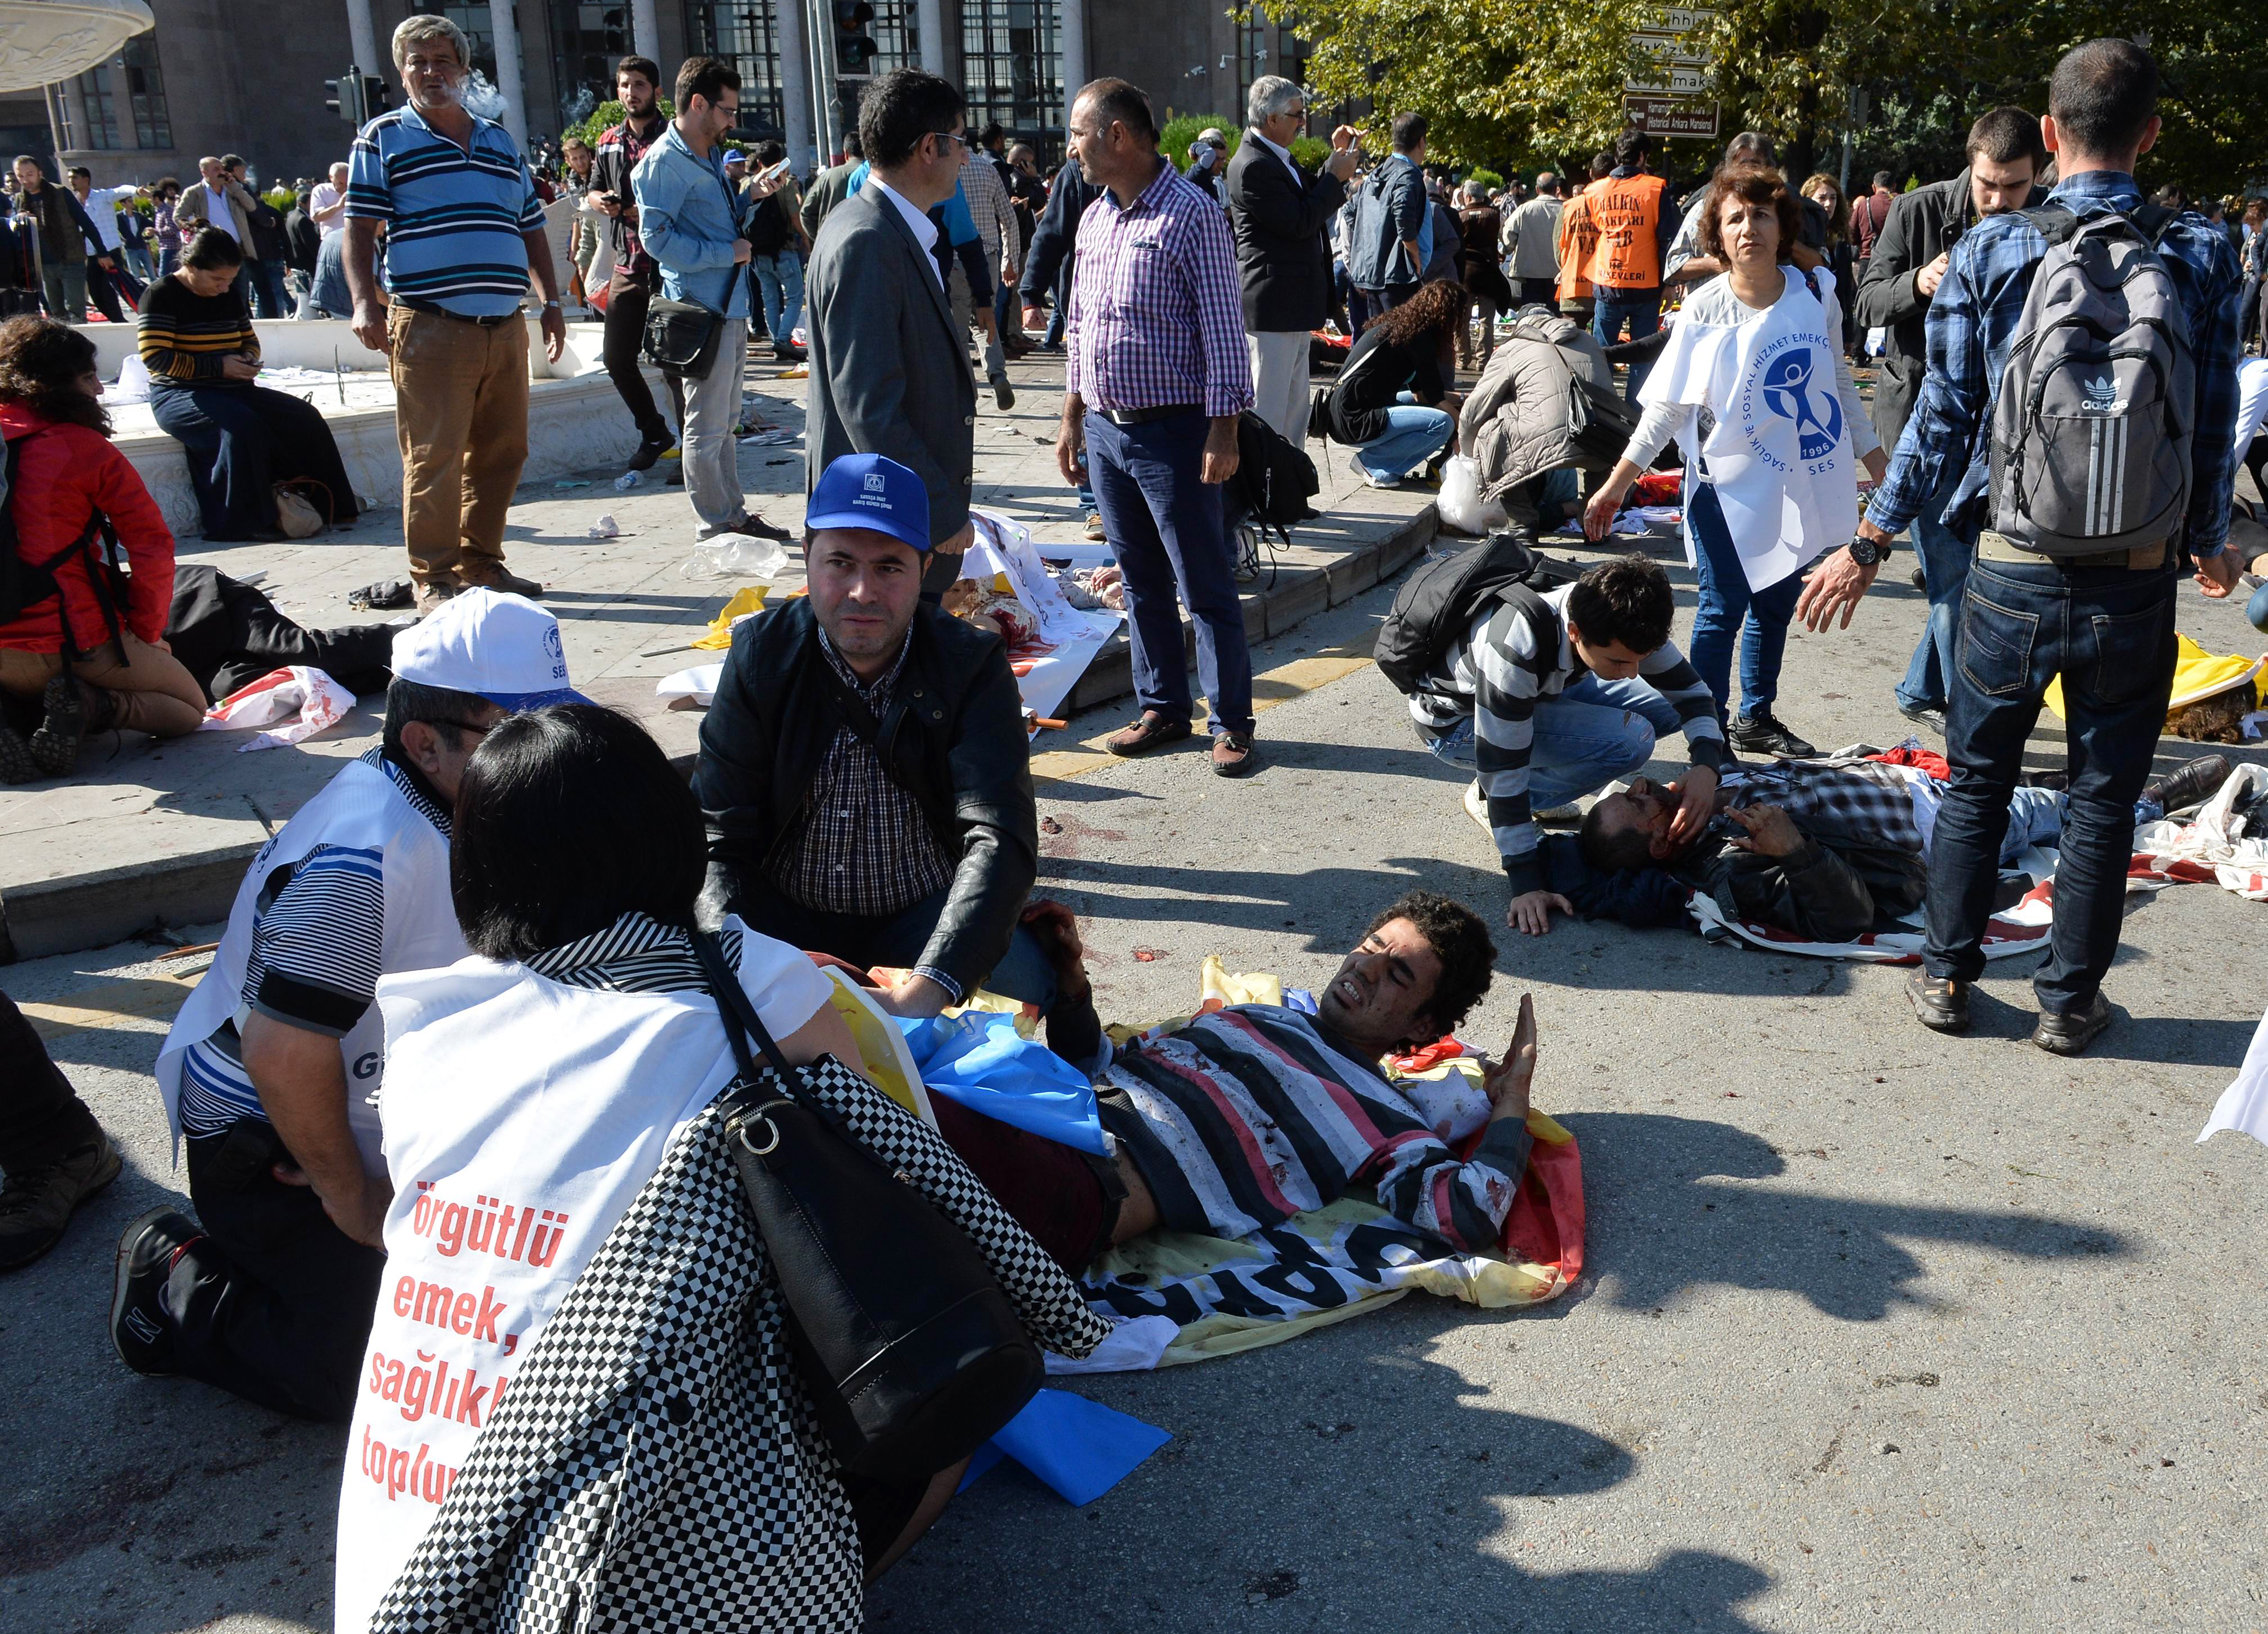 ضحايا في موقع تفجيري أنقرة